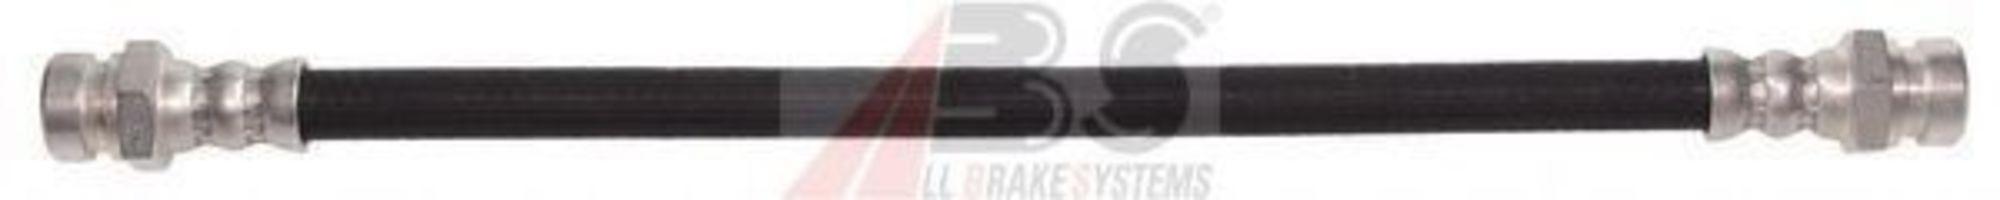 Шланг тормозной A.B.S. SL 3971